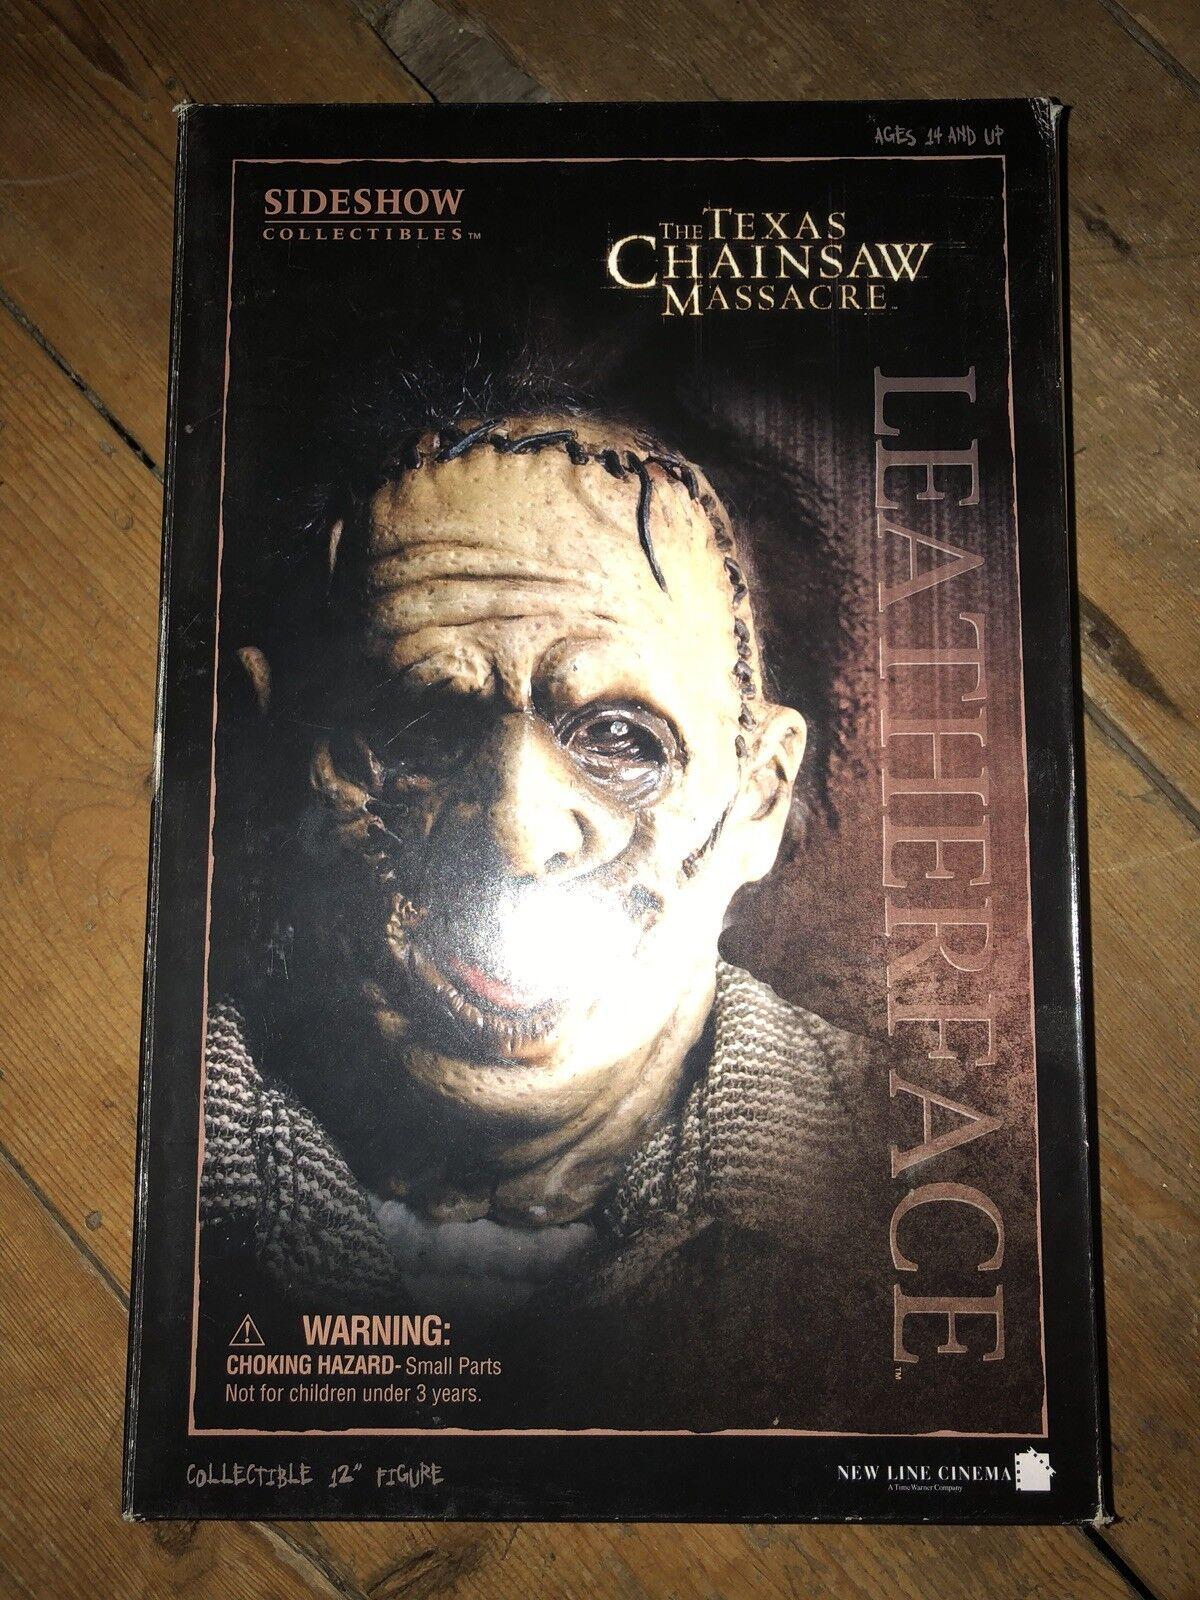 wholesape barato Sideshow Texas Chainsaw Massacre Leatherface Leatherface Leatherface Thomas Hewitt afssc 127  Entrega gratuita y rápida disponible.